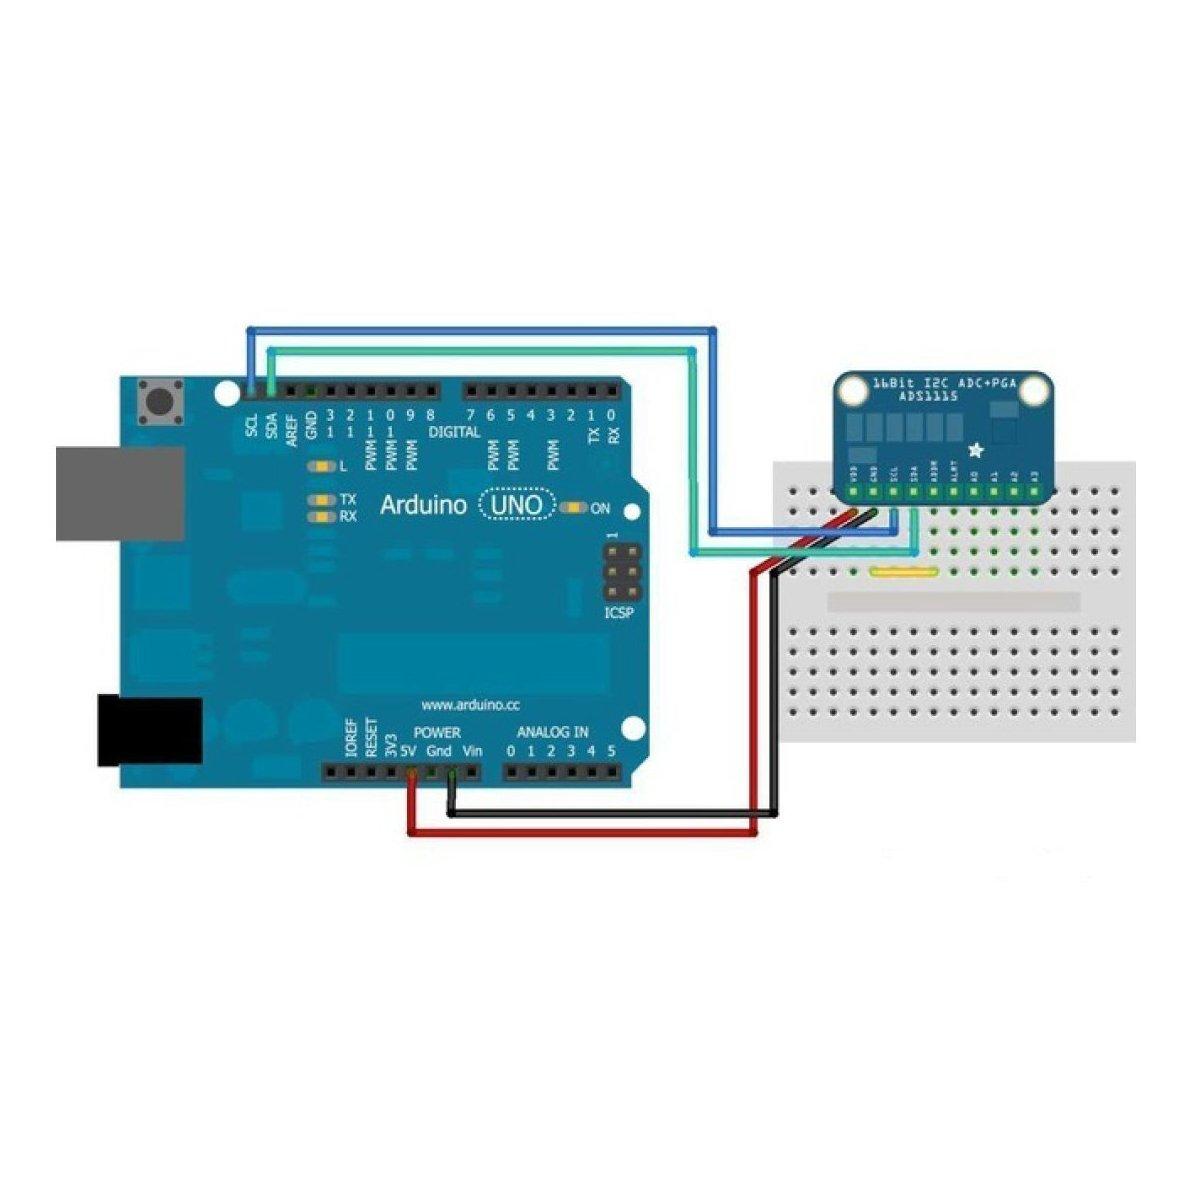 ... analogico a Digital ADC PGA con Amplificador de Ganancia programable Convertidor ADC de Alta Precision para Arduino Raspberry: Amazon.es: Electrónica